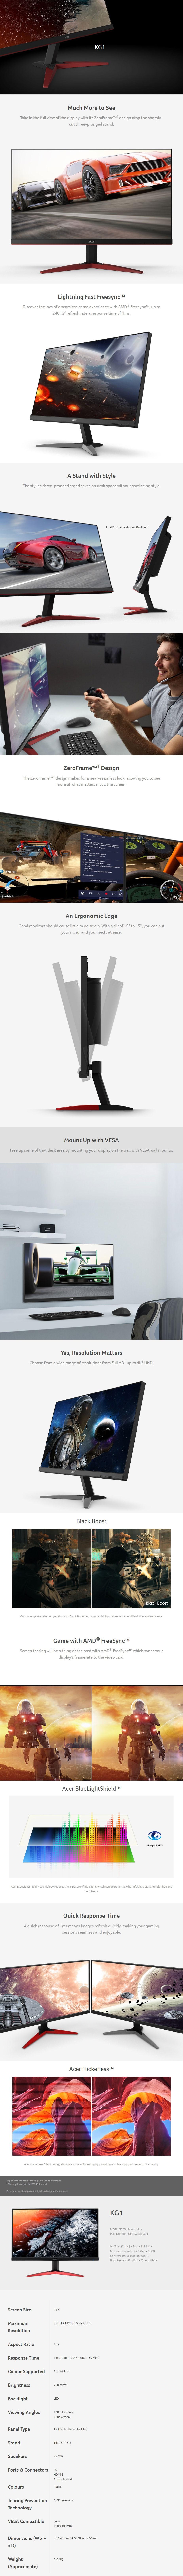 acer-kg251qg-245-75hz-fhd-freesync-zeroframe-tn-gaming-monitor-ac32455-5.jpg